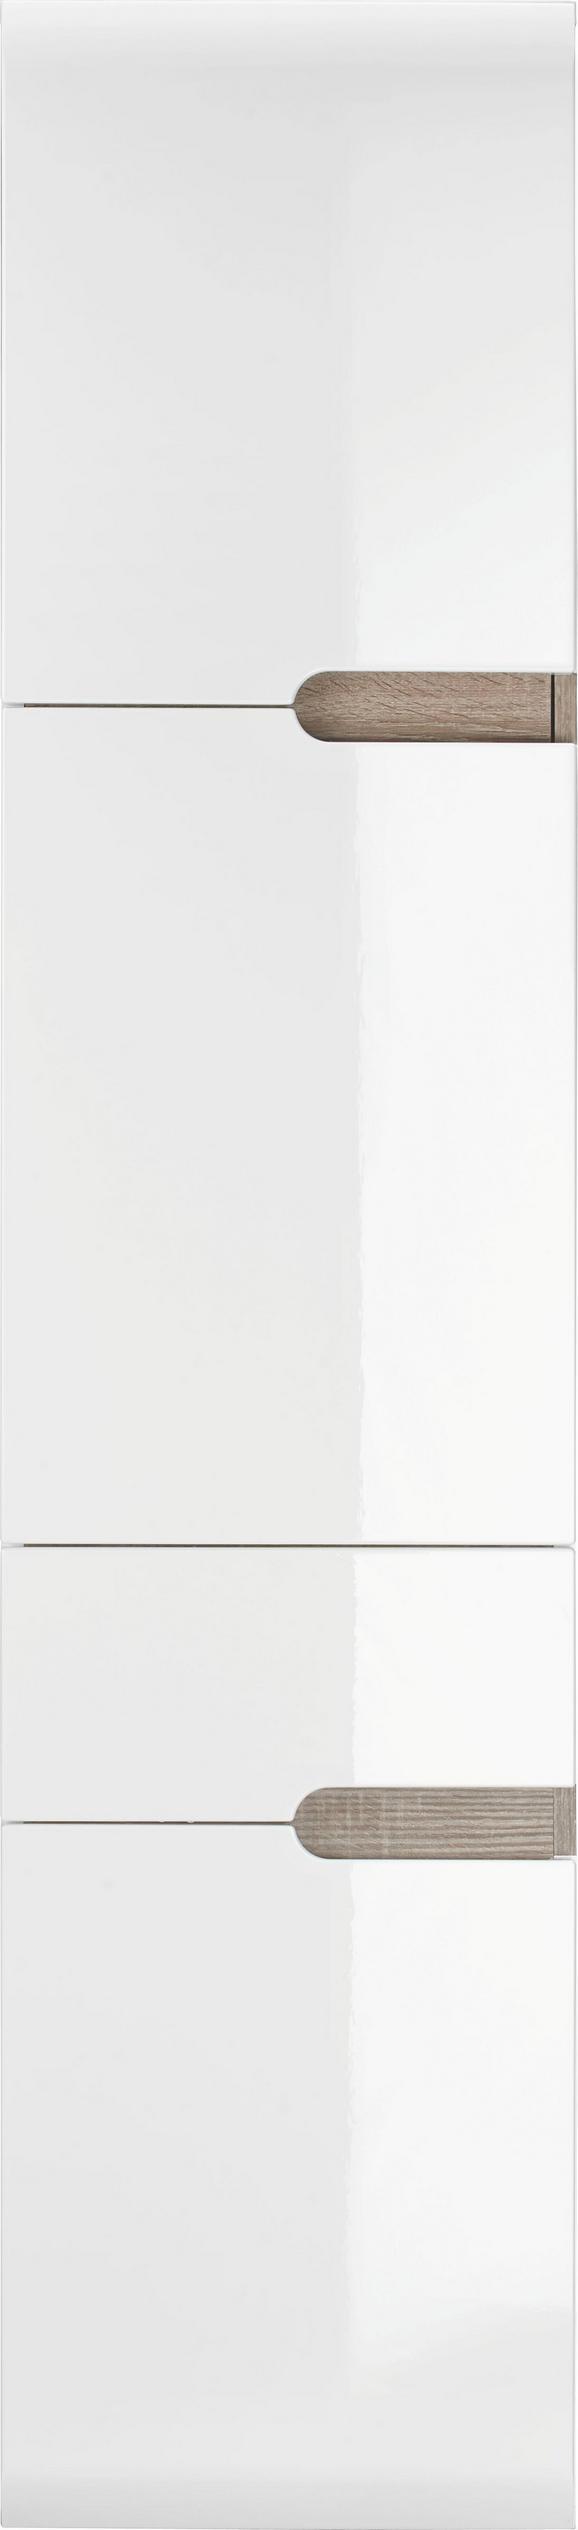 Magasszekrény Linate - modern, Faalapú anyag (40/176/31cm)